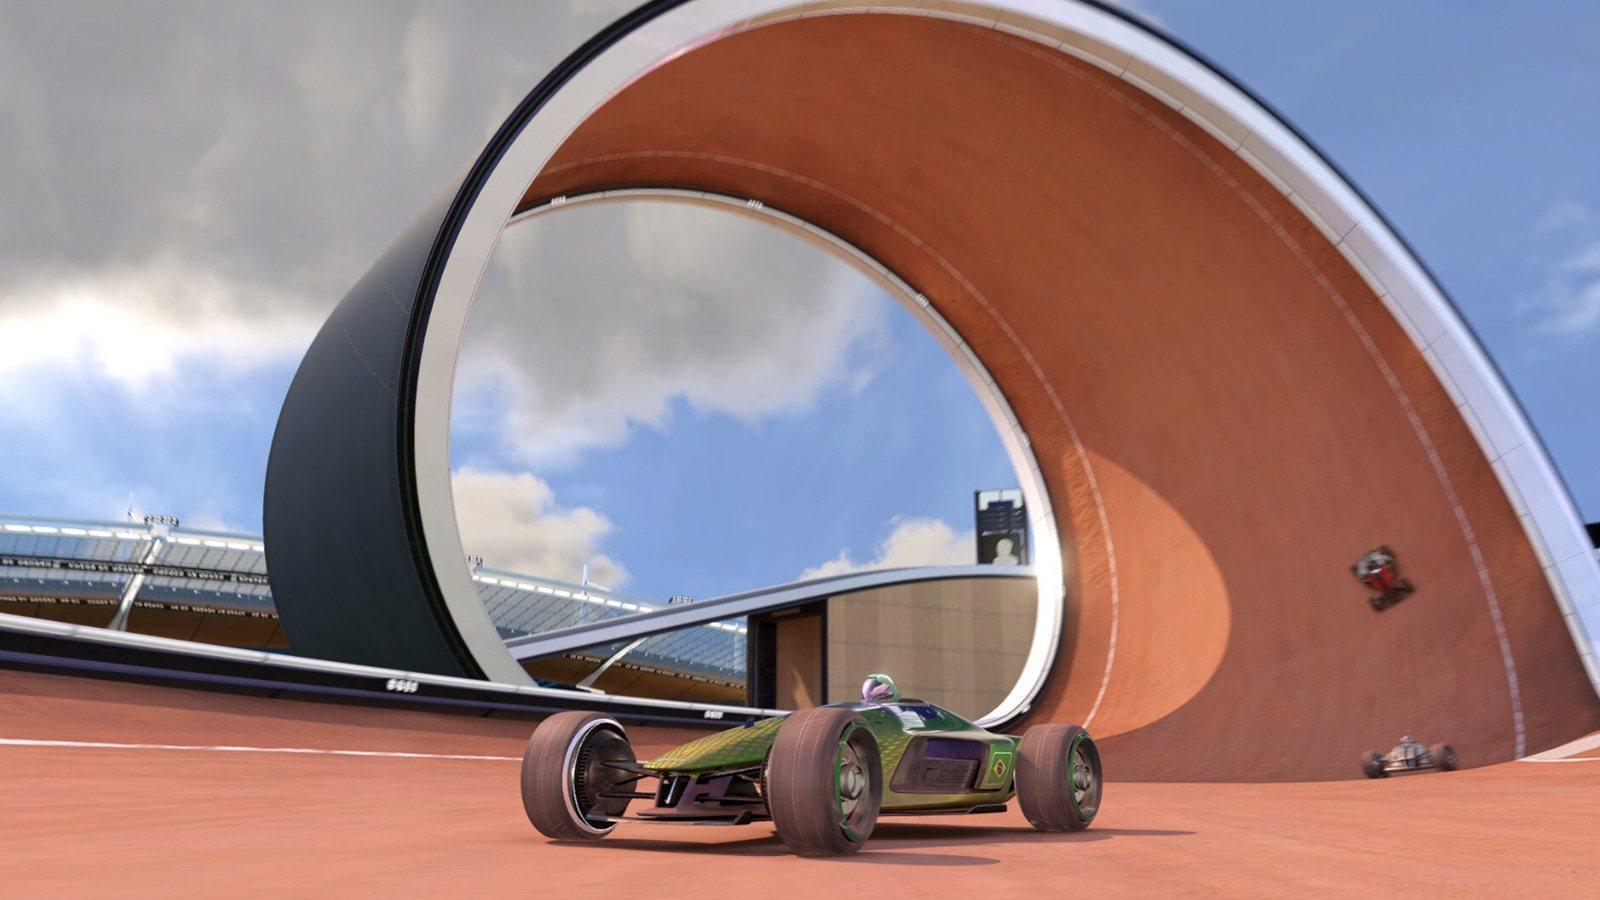 Image officielle du nouveau jeu Trackmania